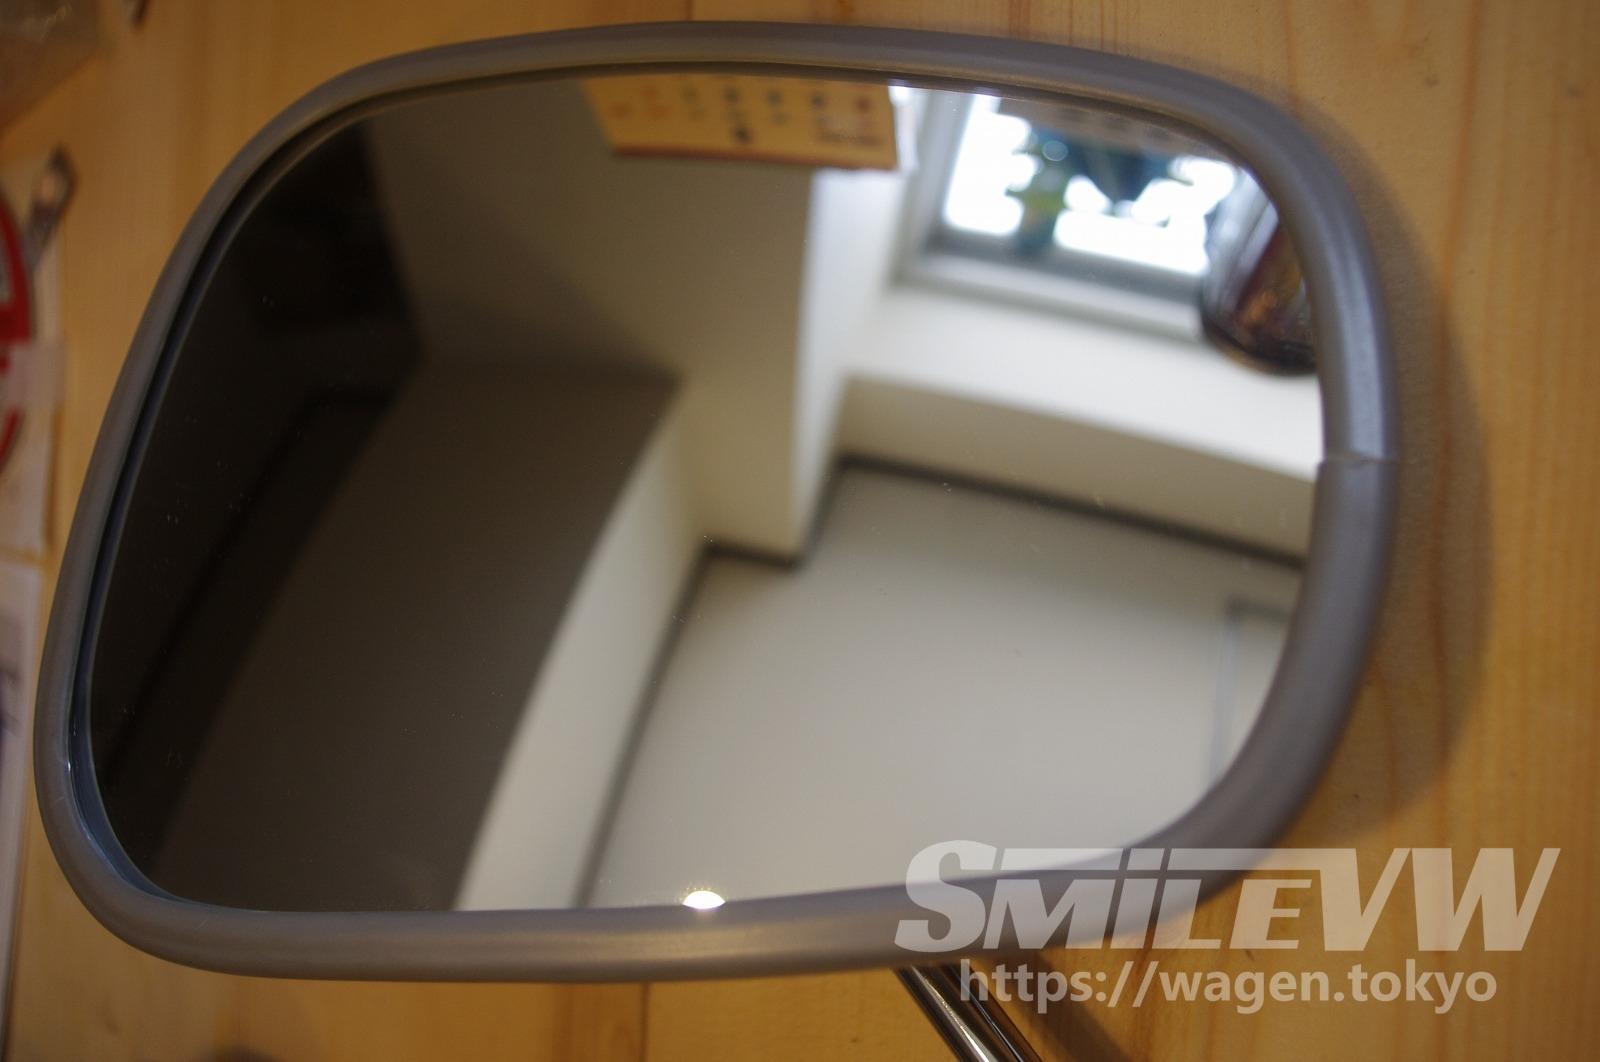 曲面鏡ロスコミラー